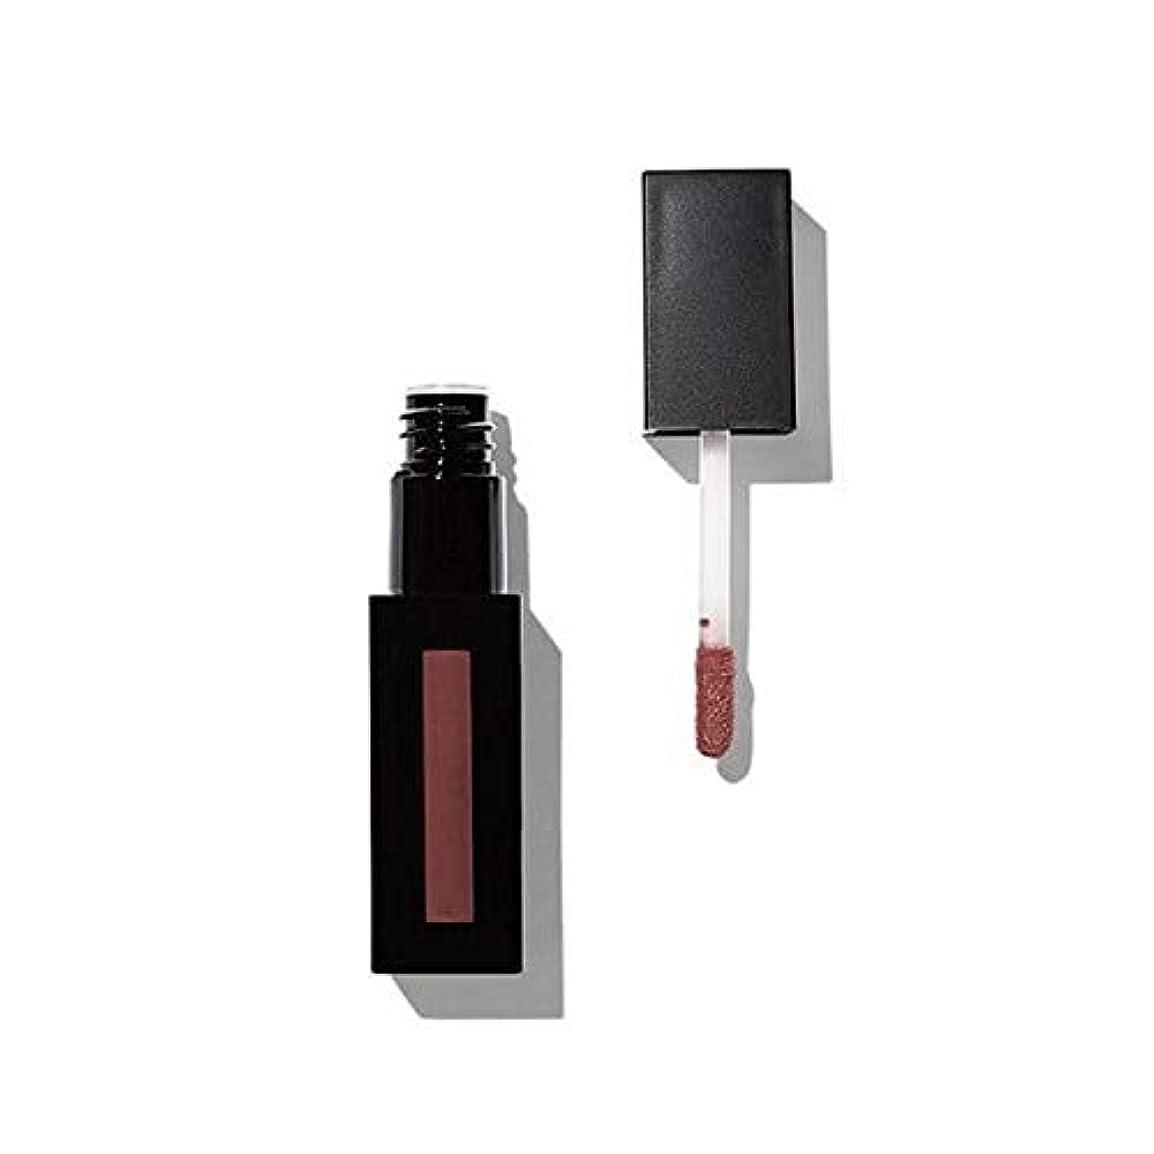 ハンカチ近く放射する[Revolution ] 革命プロ最高のマットリップ顔料ベール - Revolution Pro Supreme Matte Lip Pigment Veil [並行輸入品]